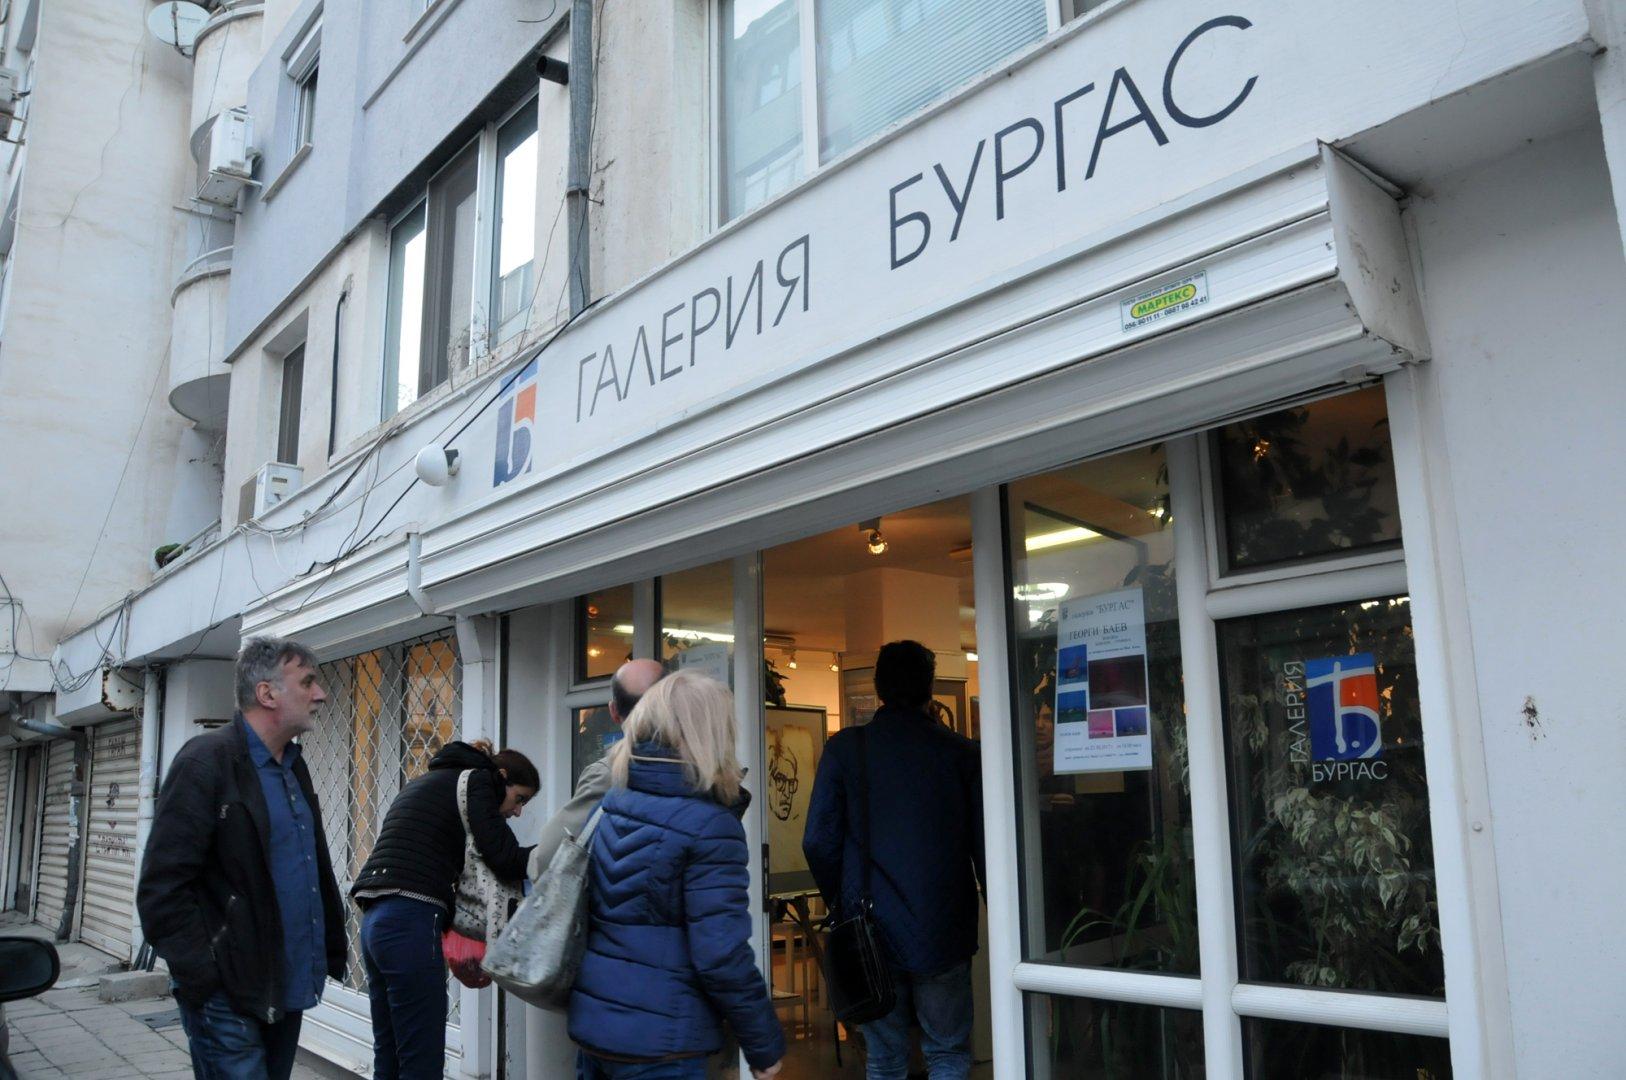 22 художнички представят свои творби в галерия Бургас на 8-и март. Снимка Лина Главинова